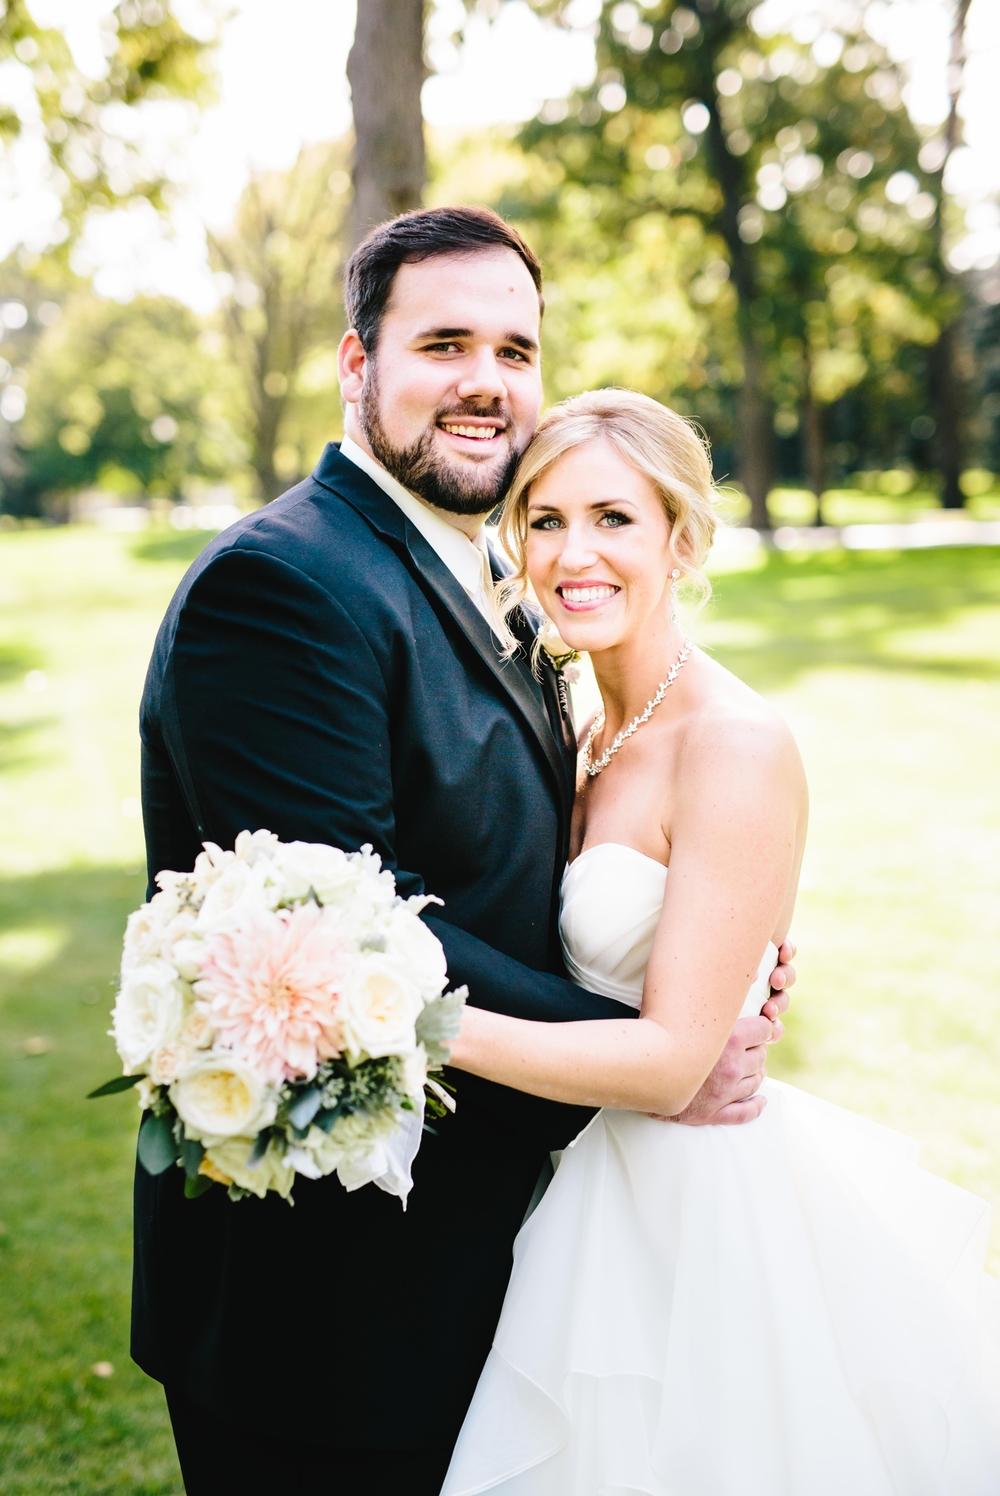 chicago-fine-art-wedding-photography-deiters10